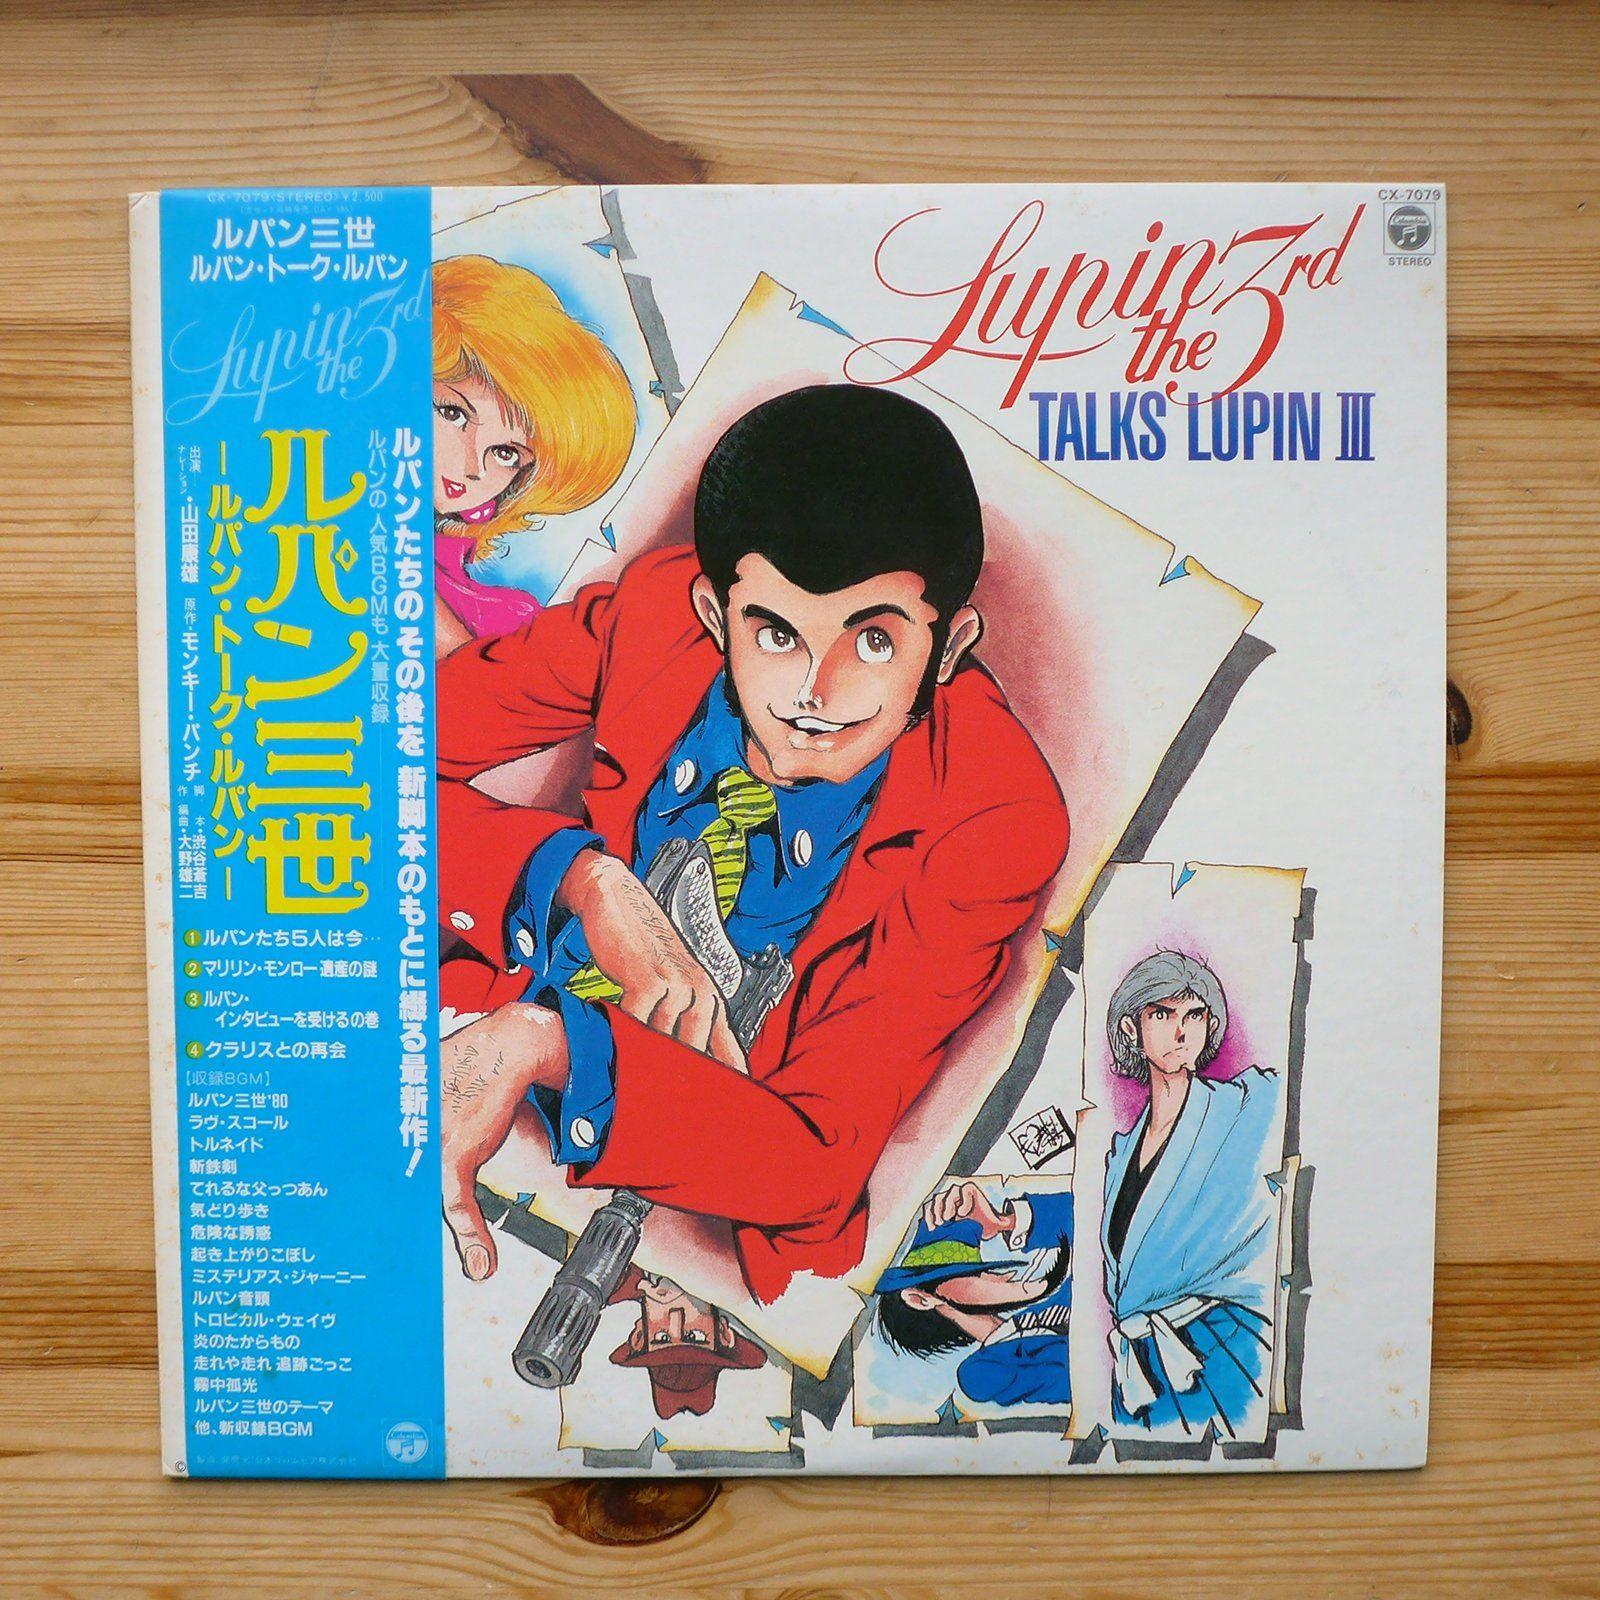 Anime Lupin The 3rd Lupin The 3rd Talks Lupin III